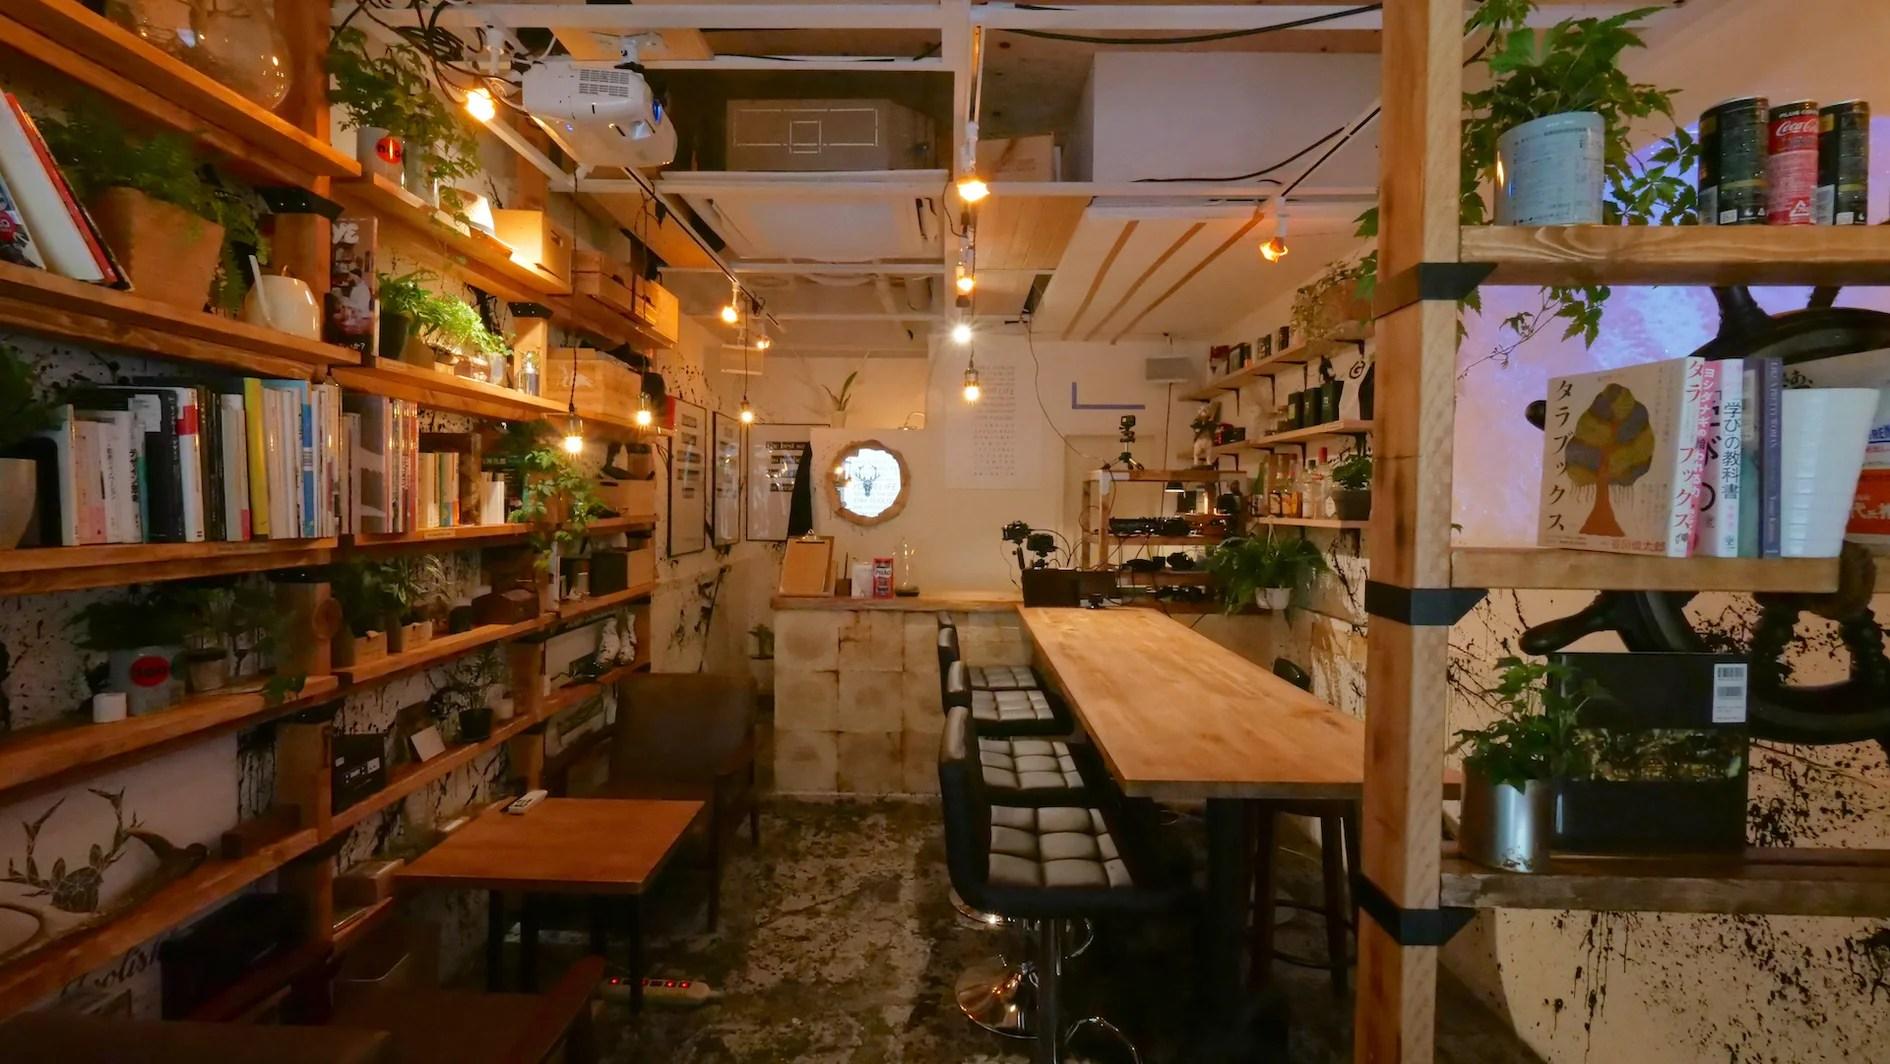 渋谷の秘密基地【SHIBUYA+BAr】 映像配信バー | スペースマーケット